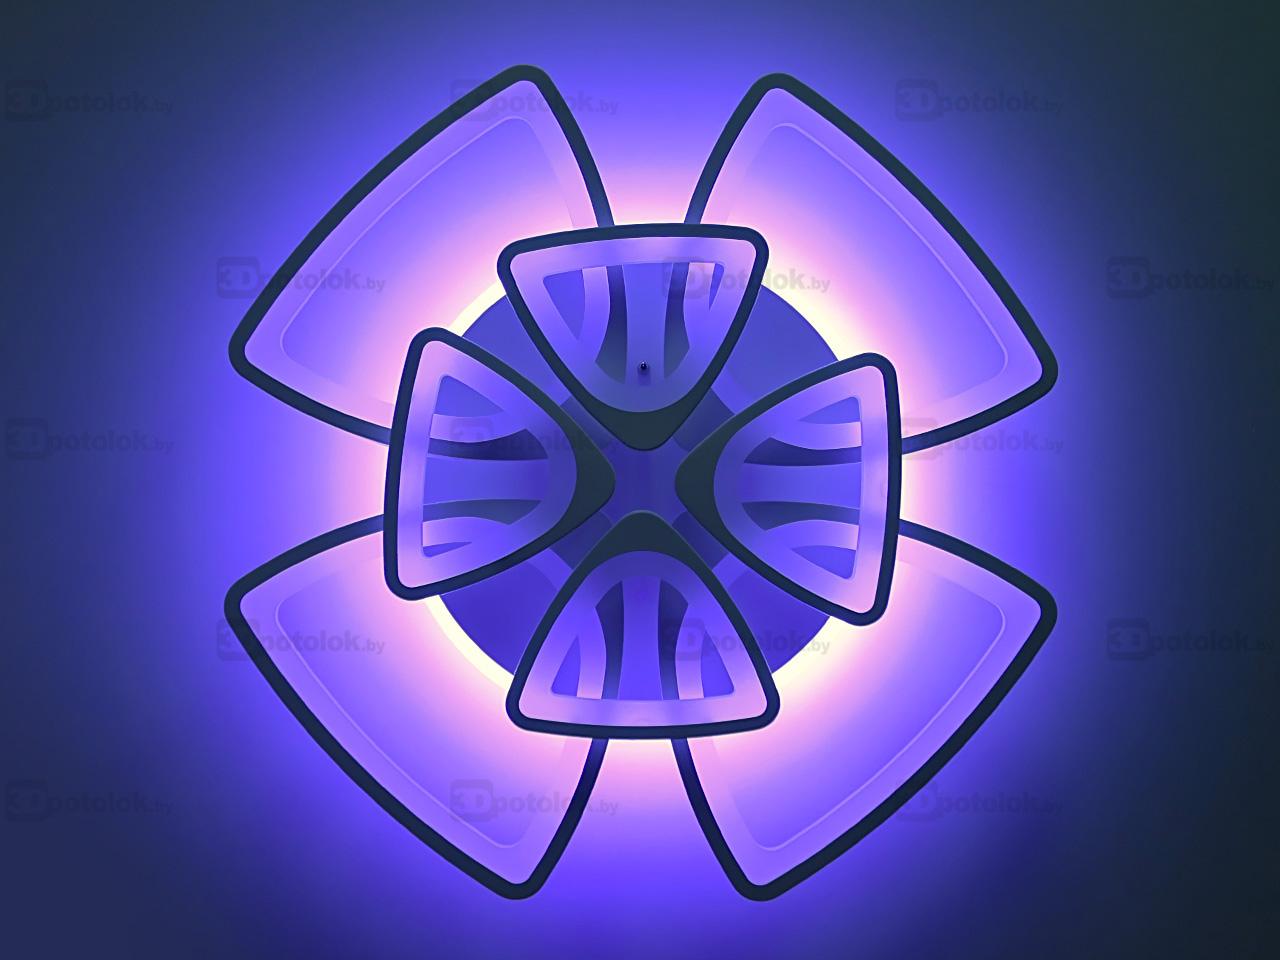 10006_44-WHTBLYL_10_лого (1)